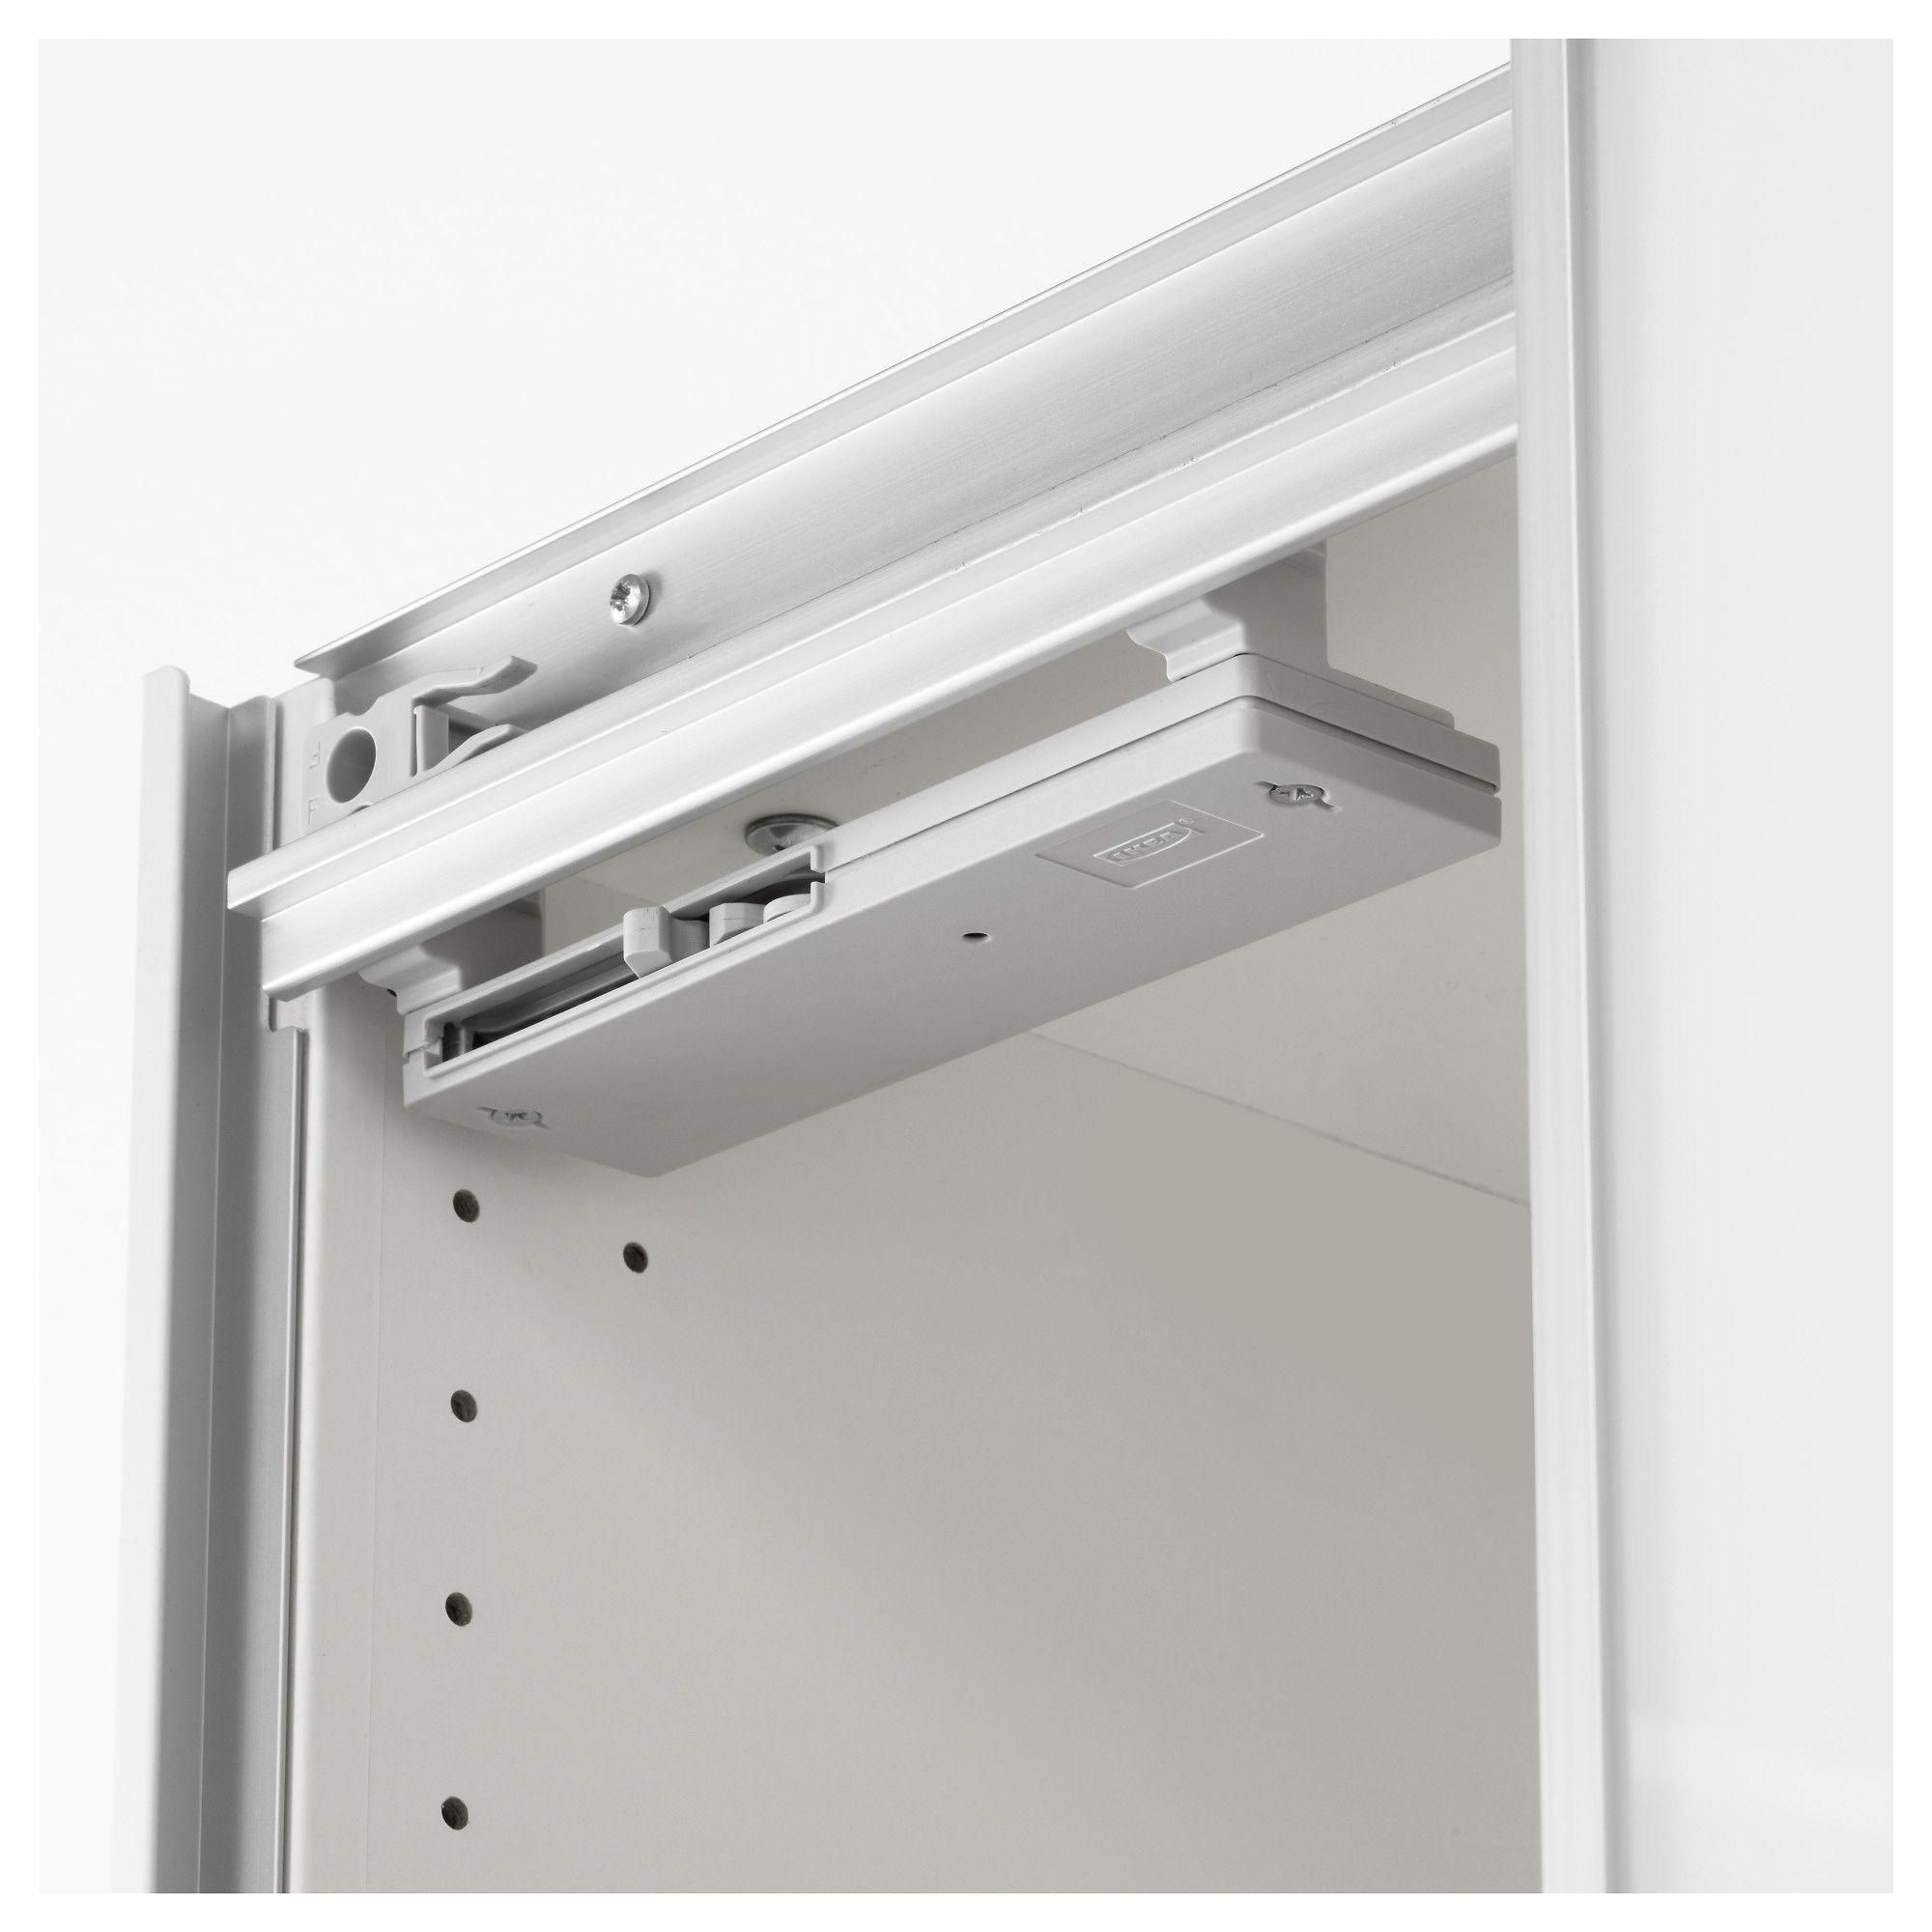 Porte Laque Blanc Ikea ikea - komplement amortisseur pour porte coulissante in 2019